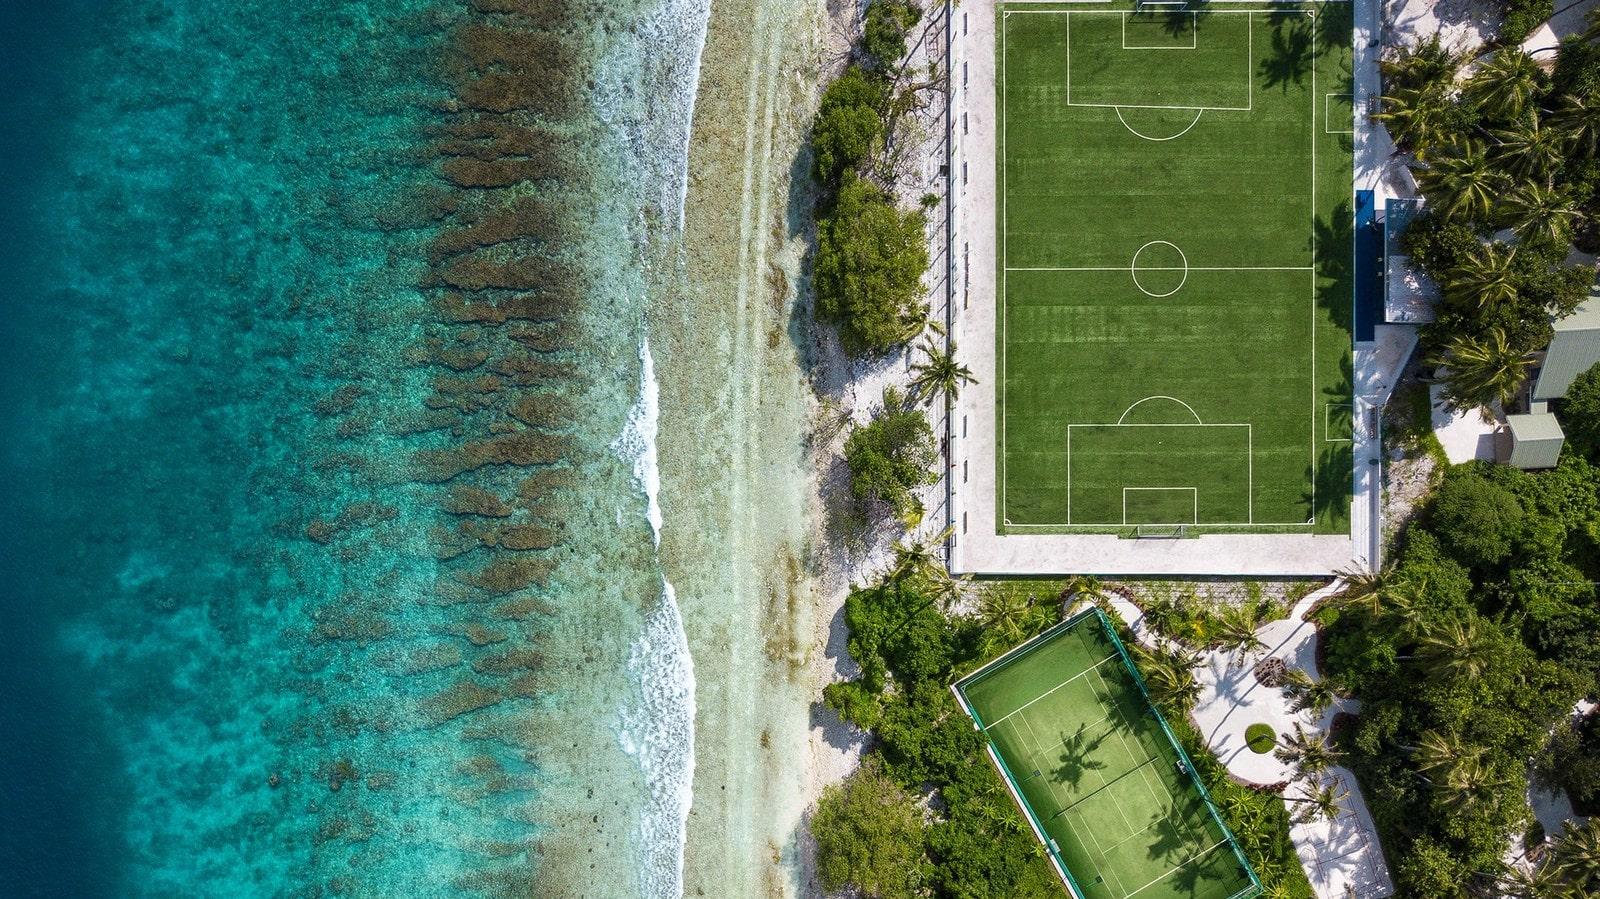 Мальдивы, отель Kandima Maldives, стадион